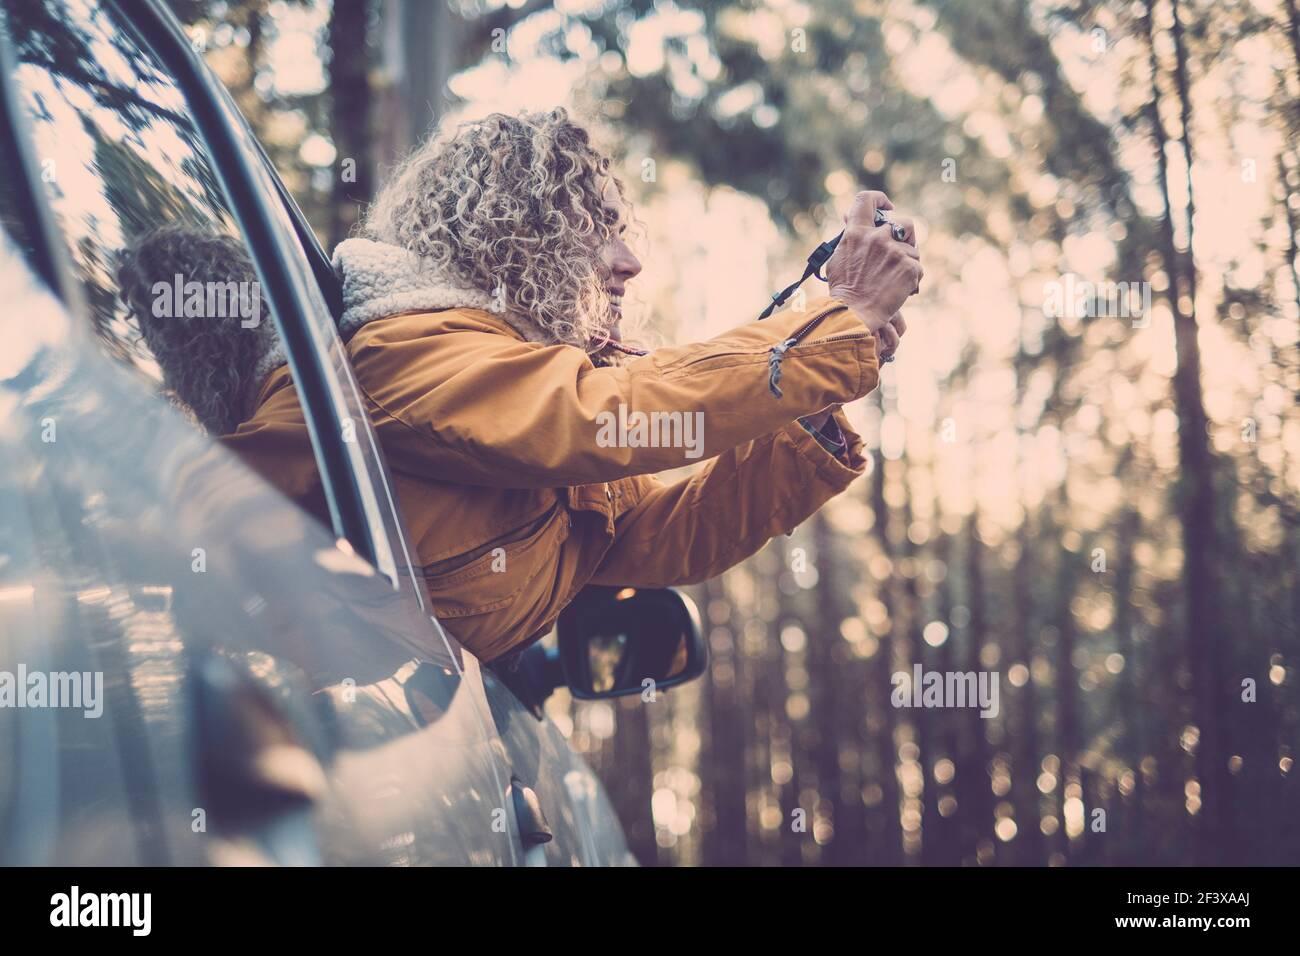 Abenteuerurlaub, Urlaub, Reise, Roadtrip und Menschen Konzept - glücklich lächelnd junge Erwachsene Frau oder junge Frau vor dem Autofenster unter Pictat Stockfoto